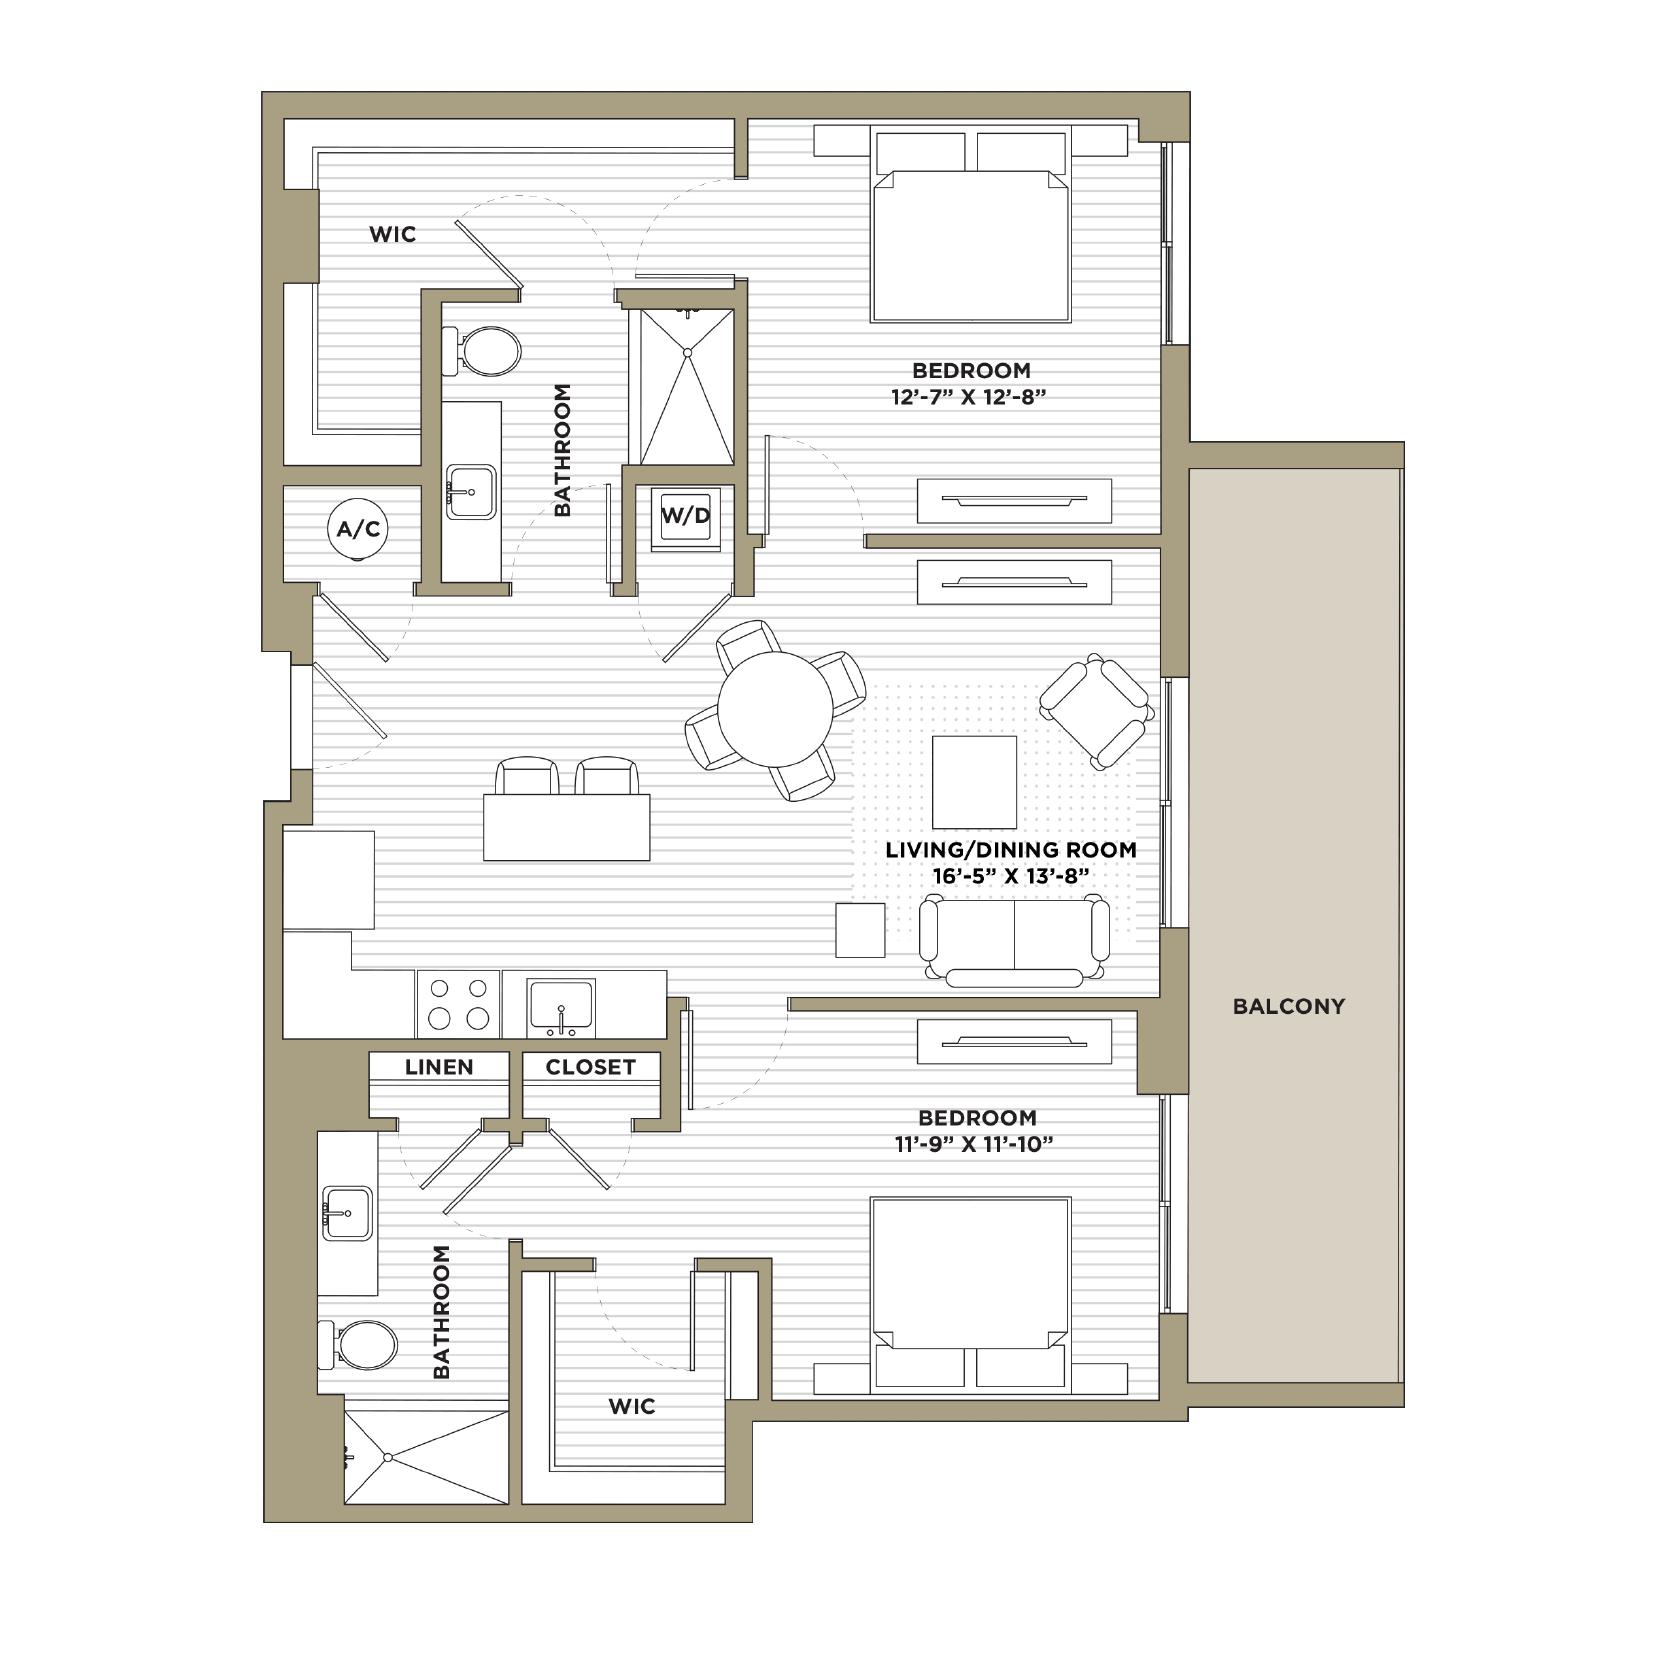 B10 - 2 Bedroom / 2 Bathroom1,174 sq. ft.